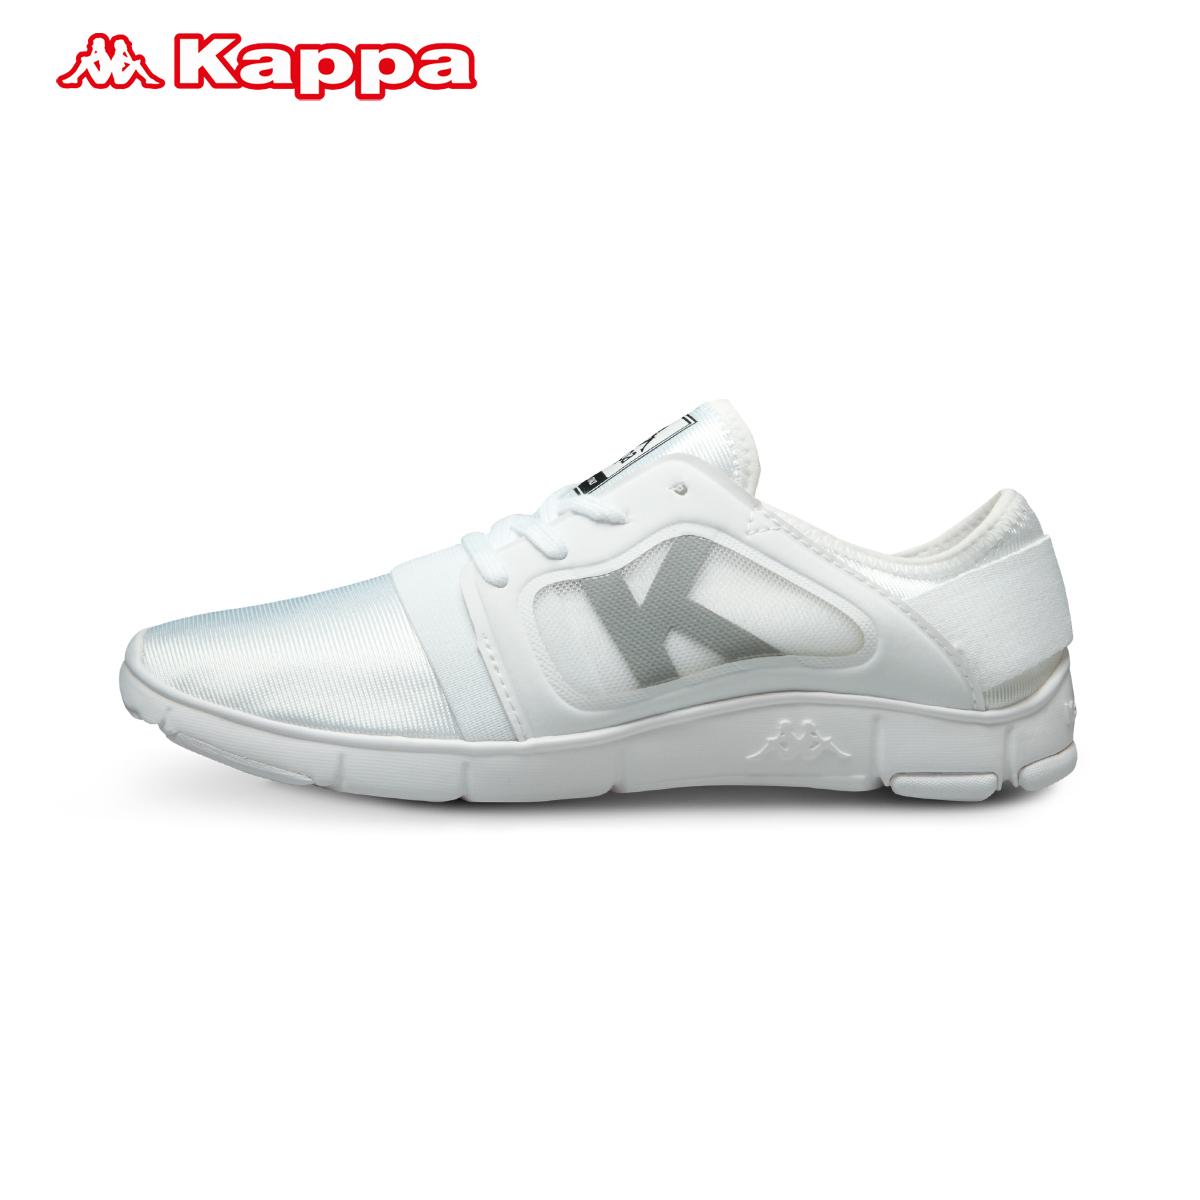 Kappa女運動鞋跑鞋 女子輕質運動跑鞋休閑鞋  |K0725MQ59D